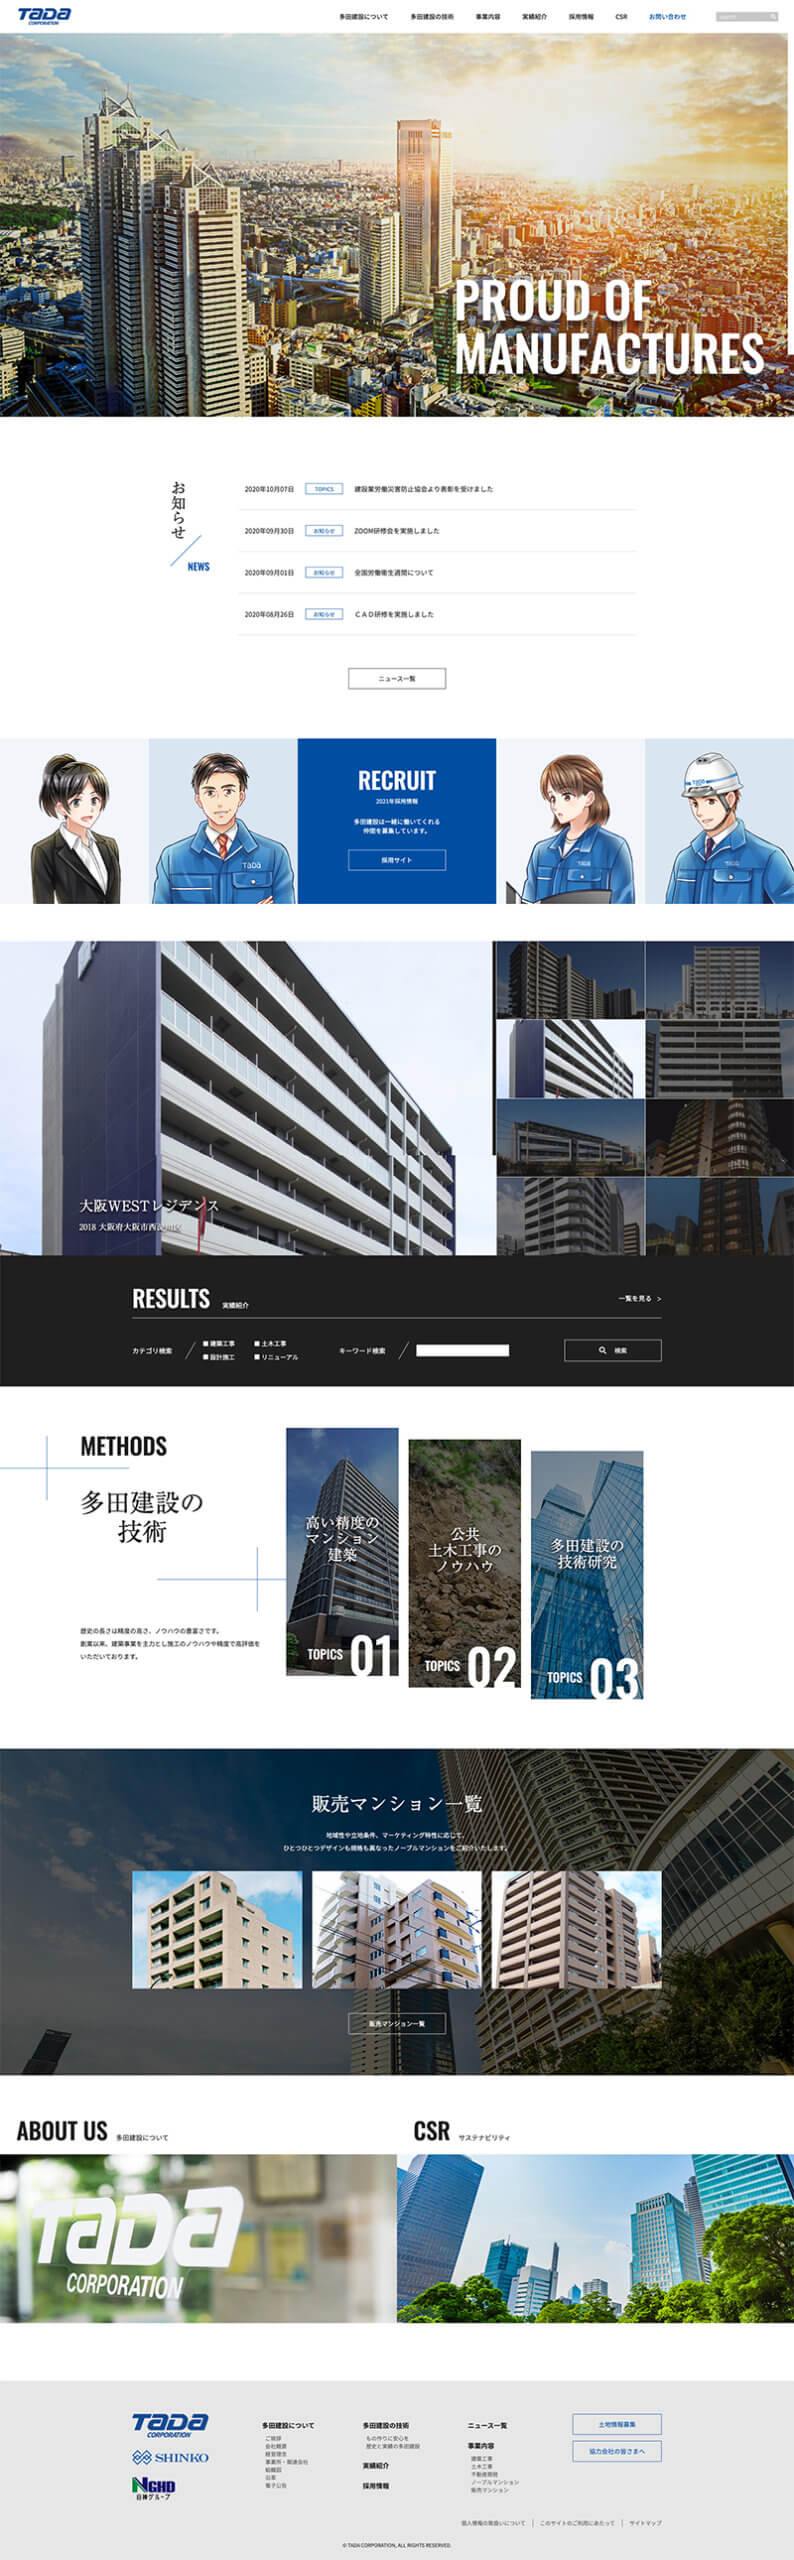 多田建設株式会社